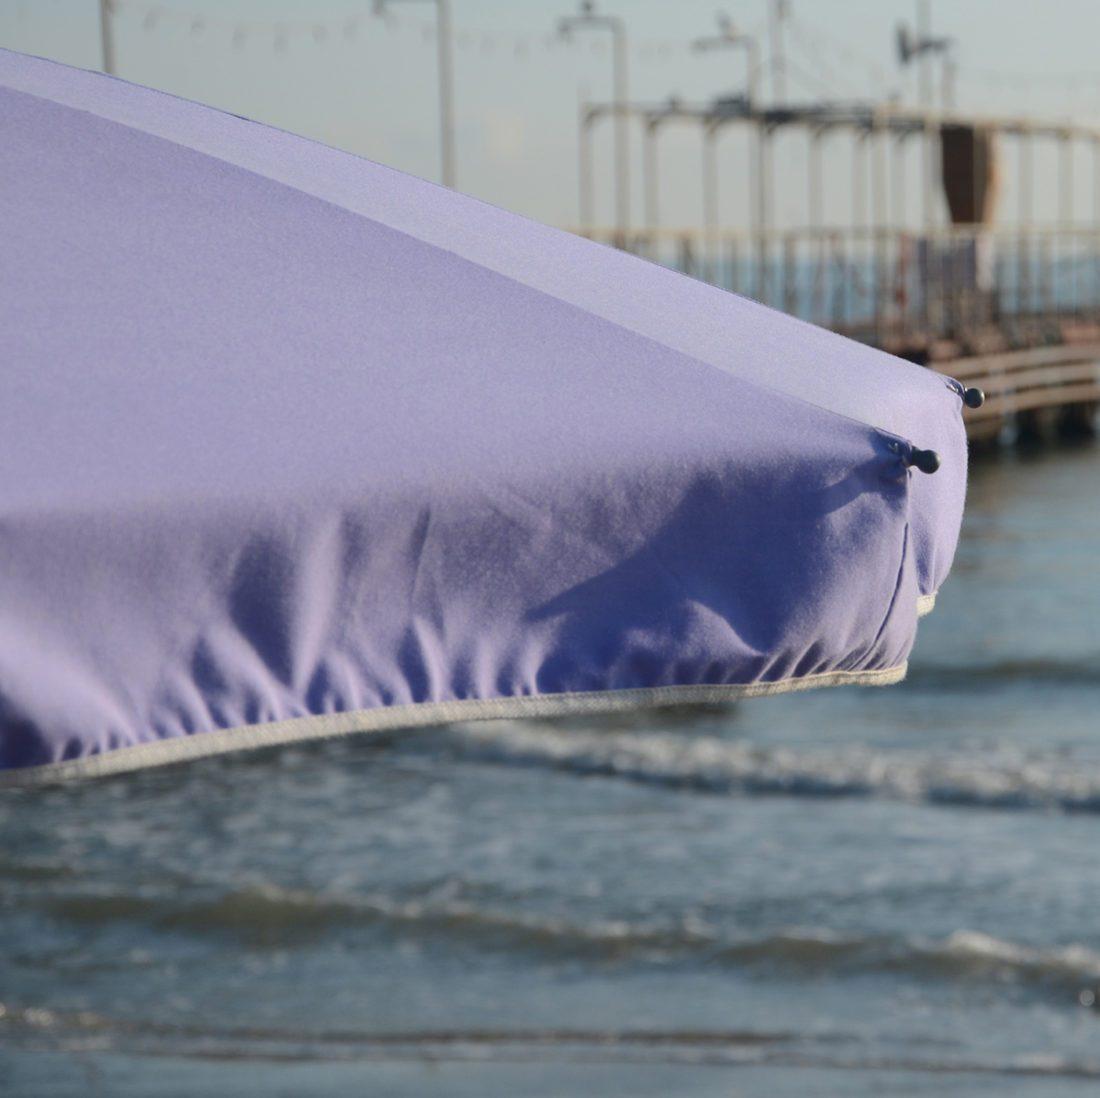 dettaglio-panta-chiusa-ombrellone